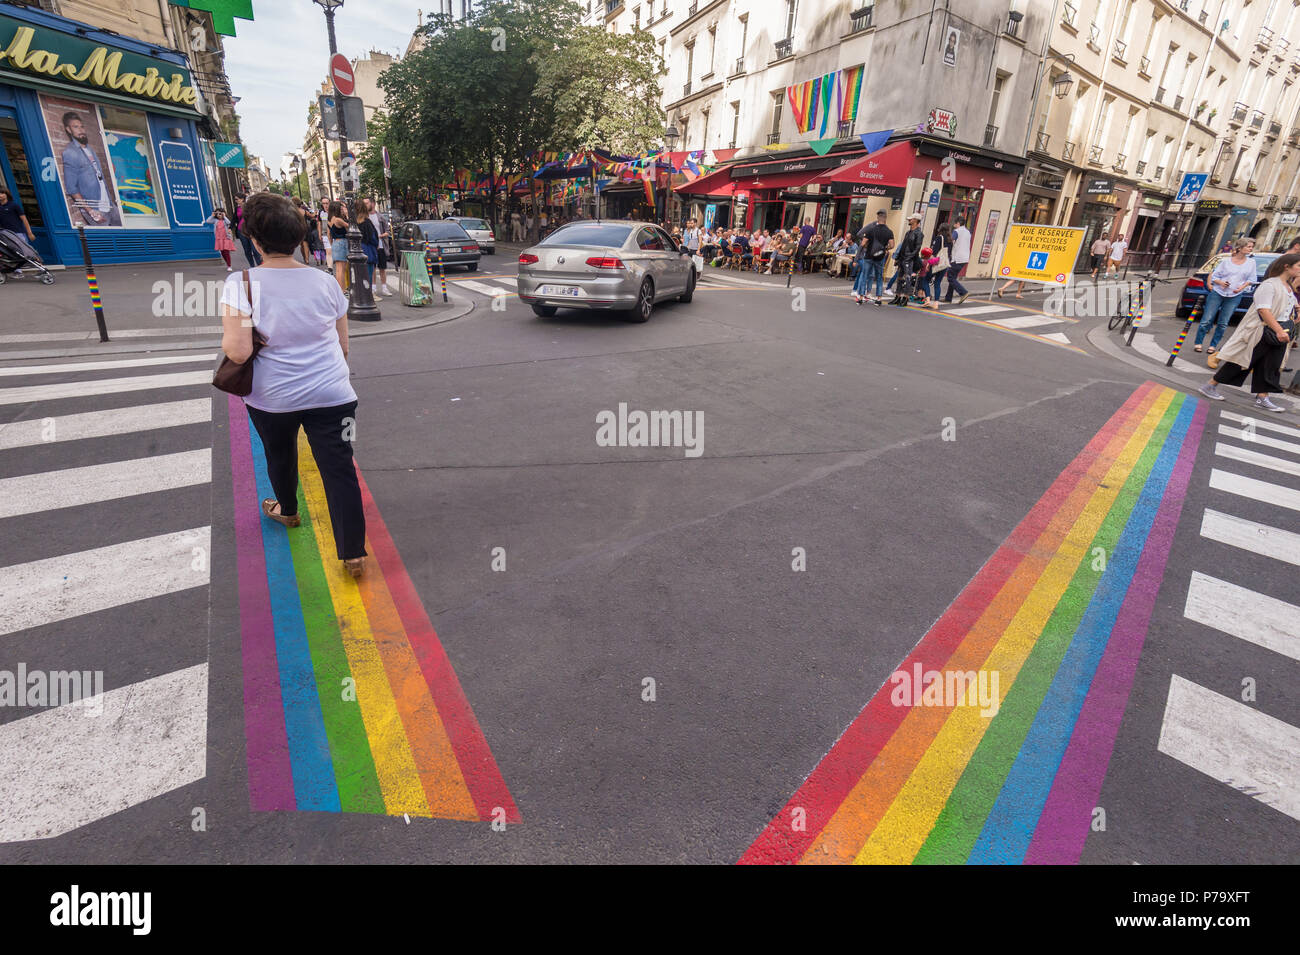 Paris, France - 24 June 2018: Gay pride flag crosswalks in Paris gay village (Le Marais) - Stock Image